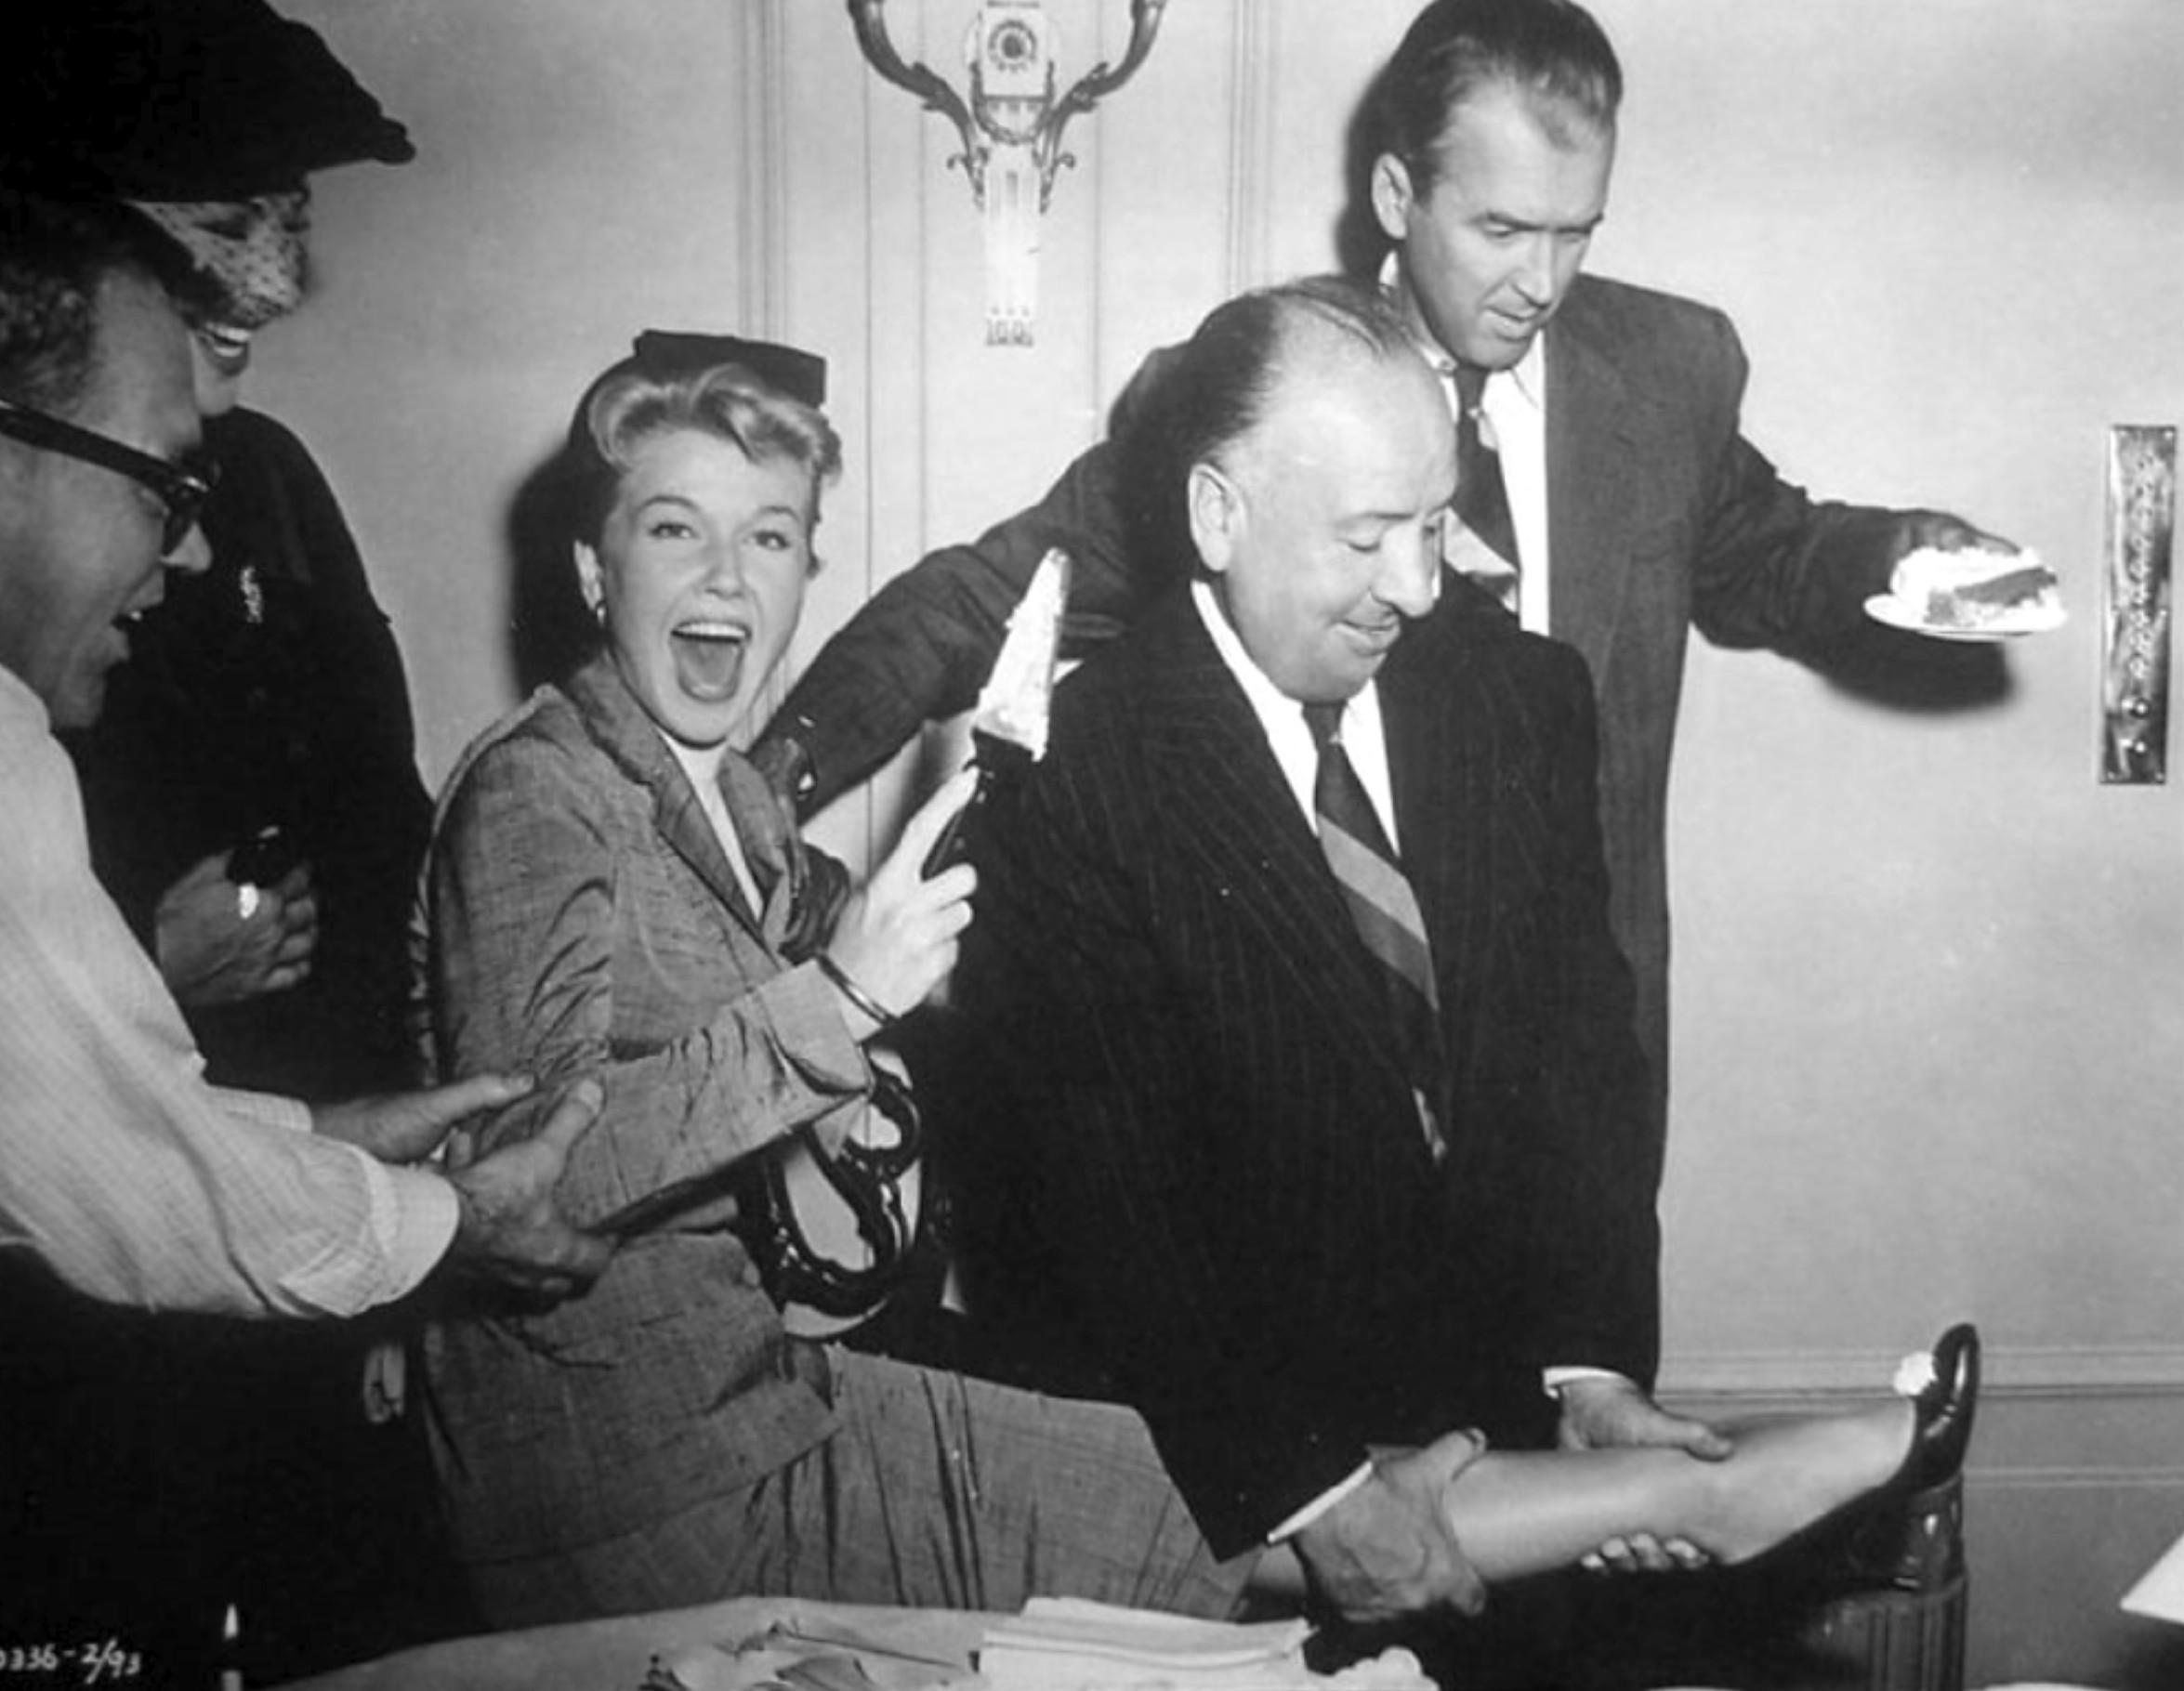 Los días en que a Doris Day le birlaron 20 millones de dólares